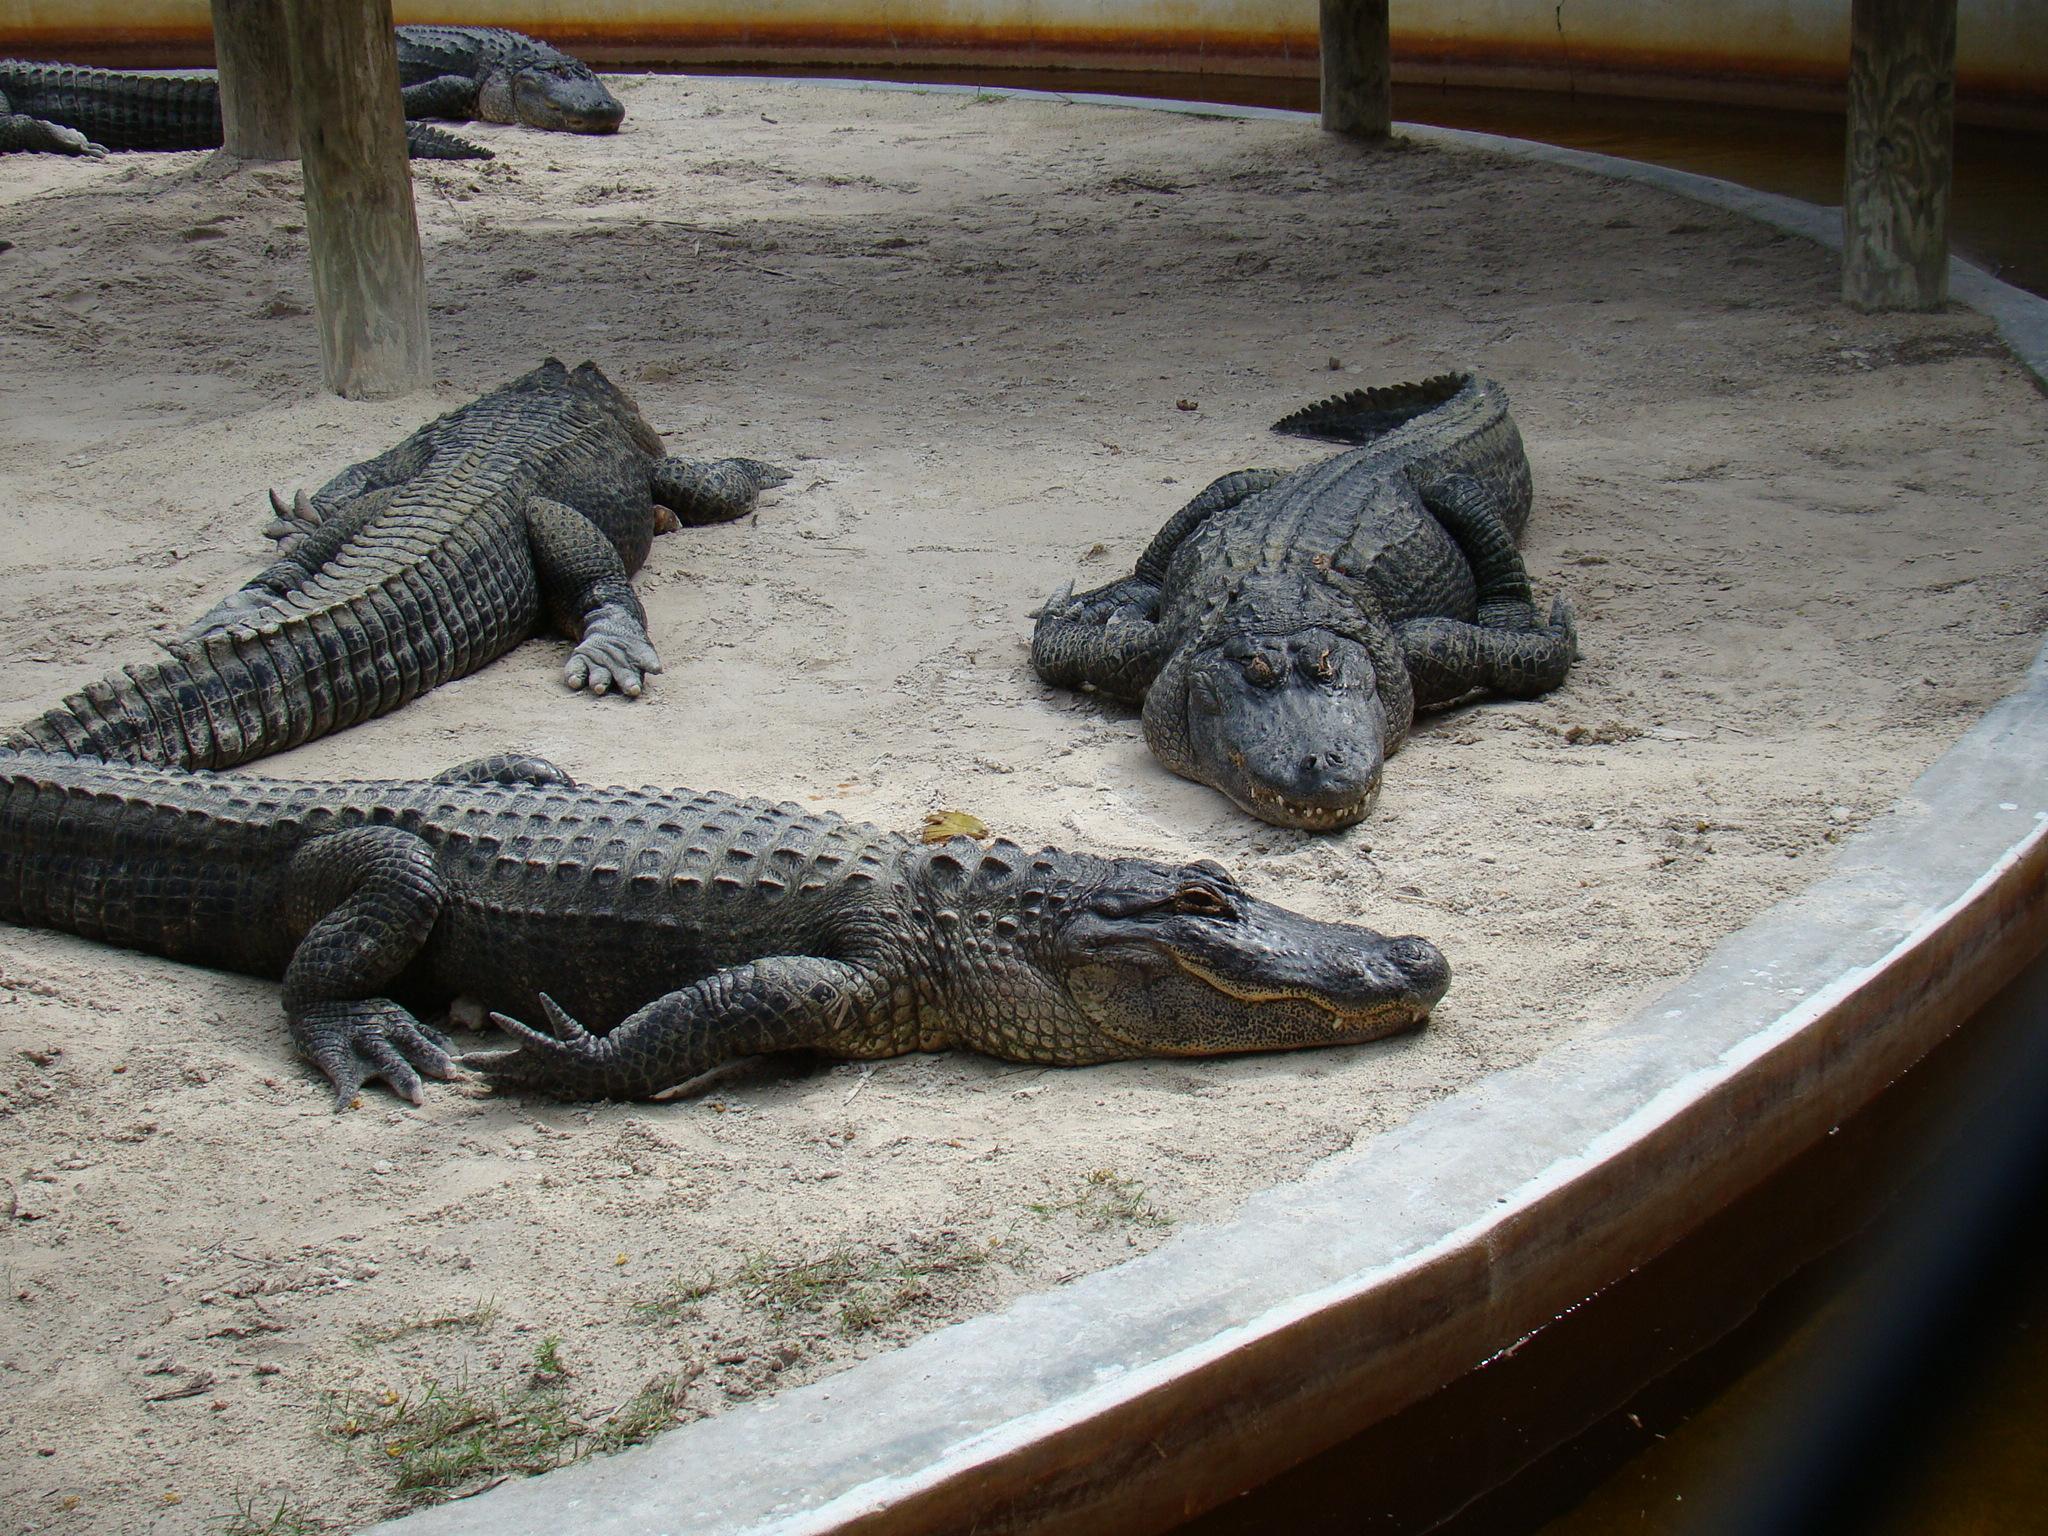 Show de jacarés do Everglades